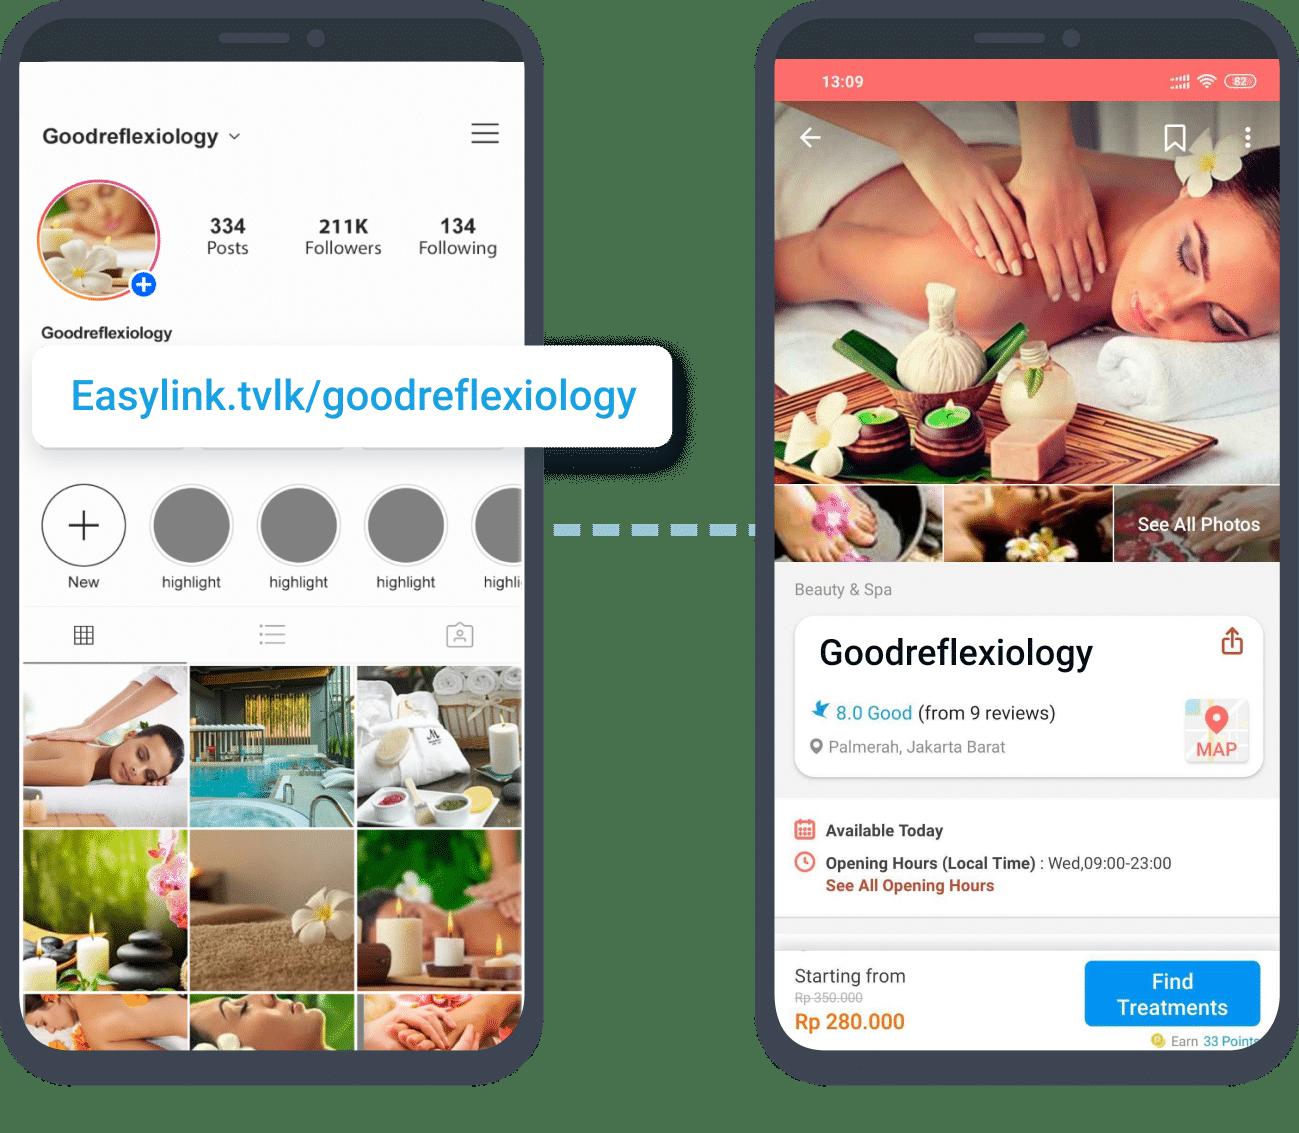 Pasang EasyLink untuk berjualan di media sosial